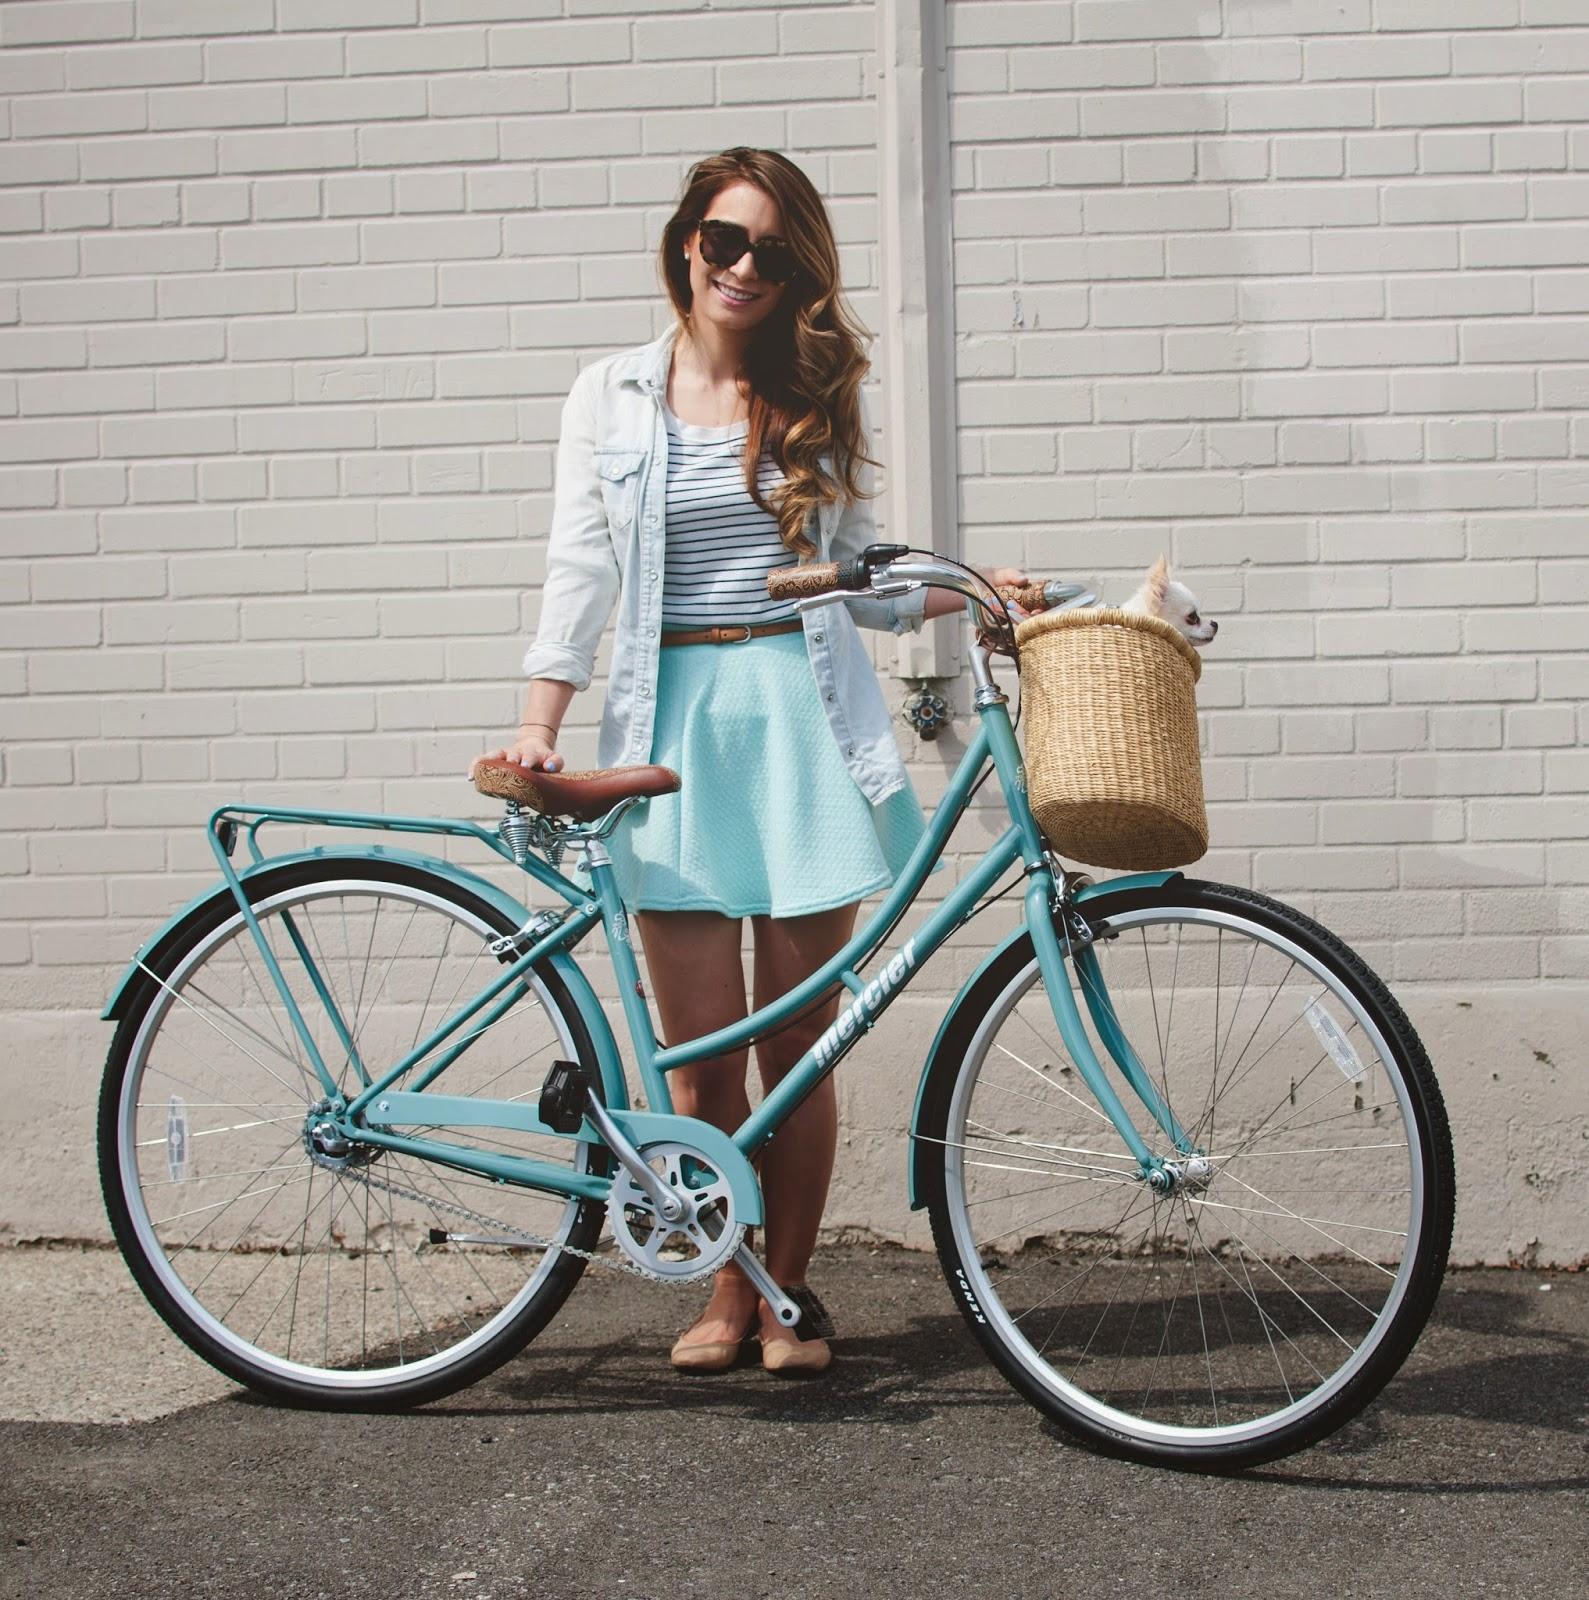 30 Before 30 Mamas Got A New Bike La Petite Noob A